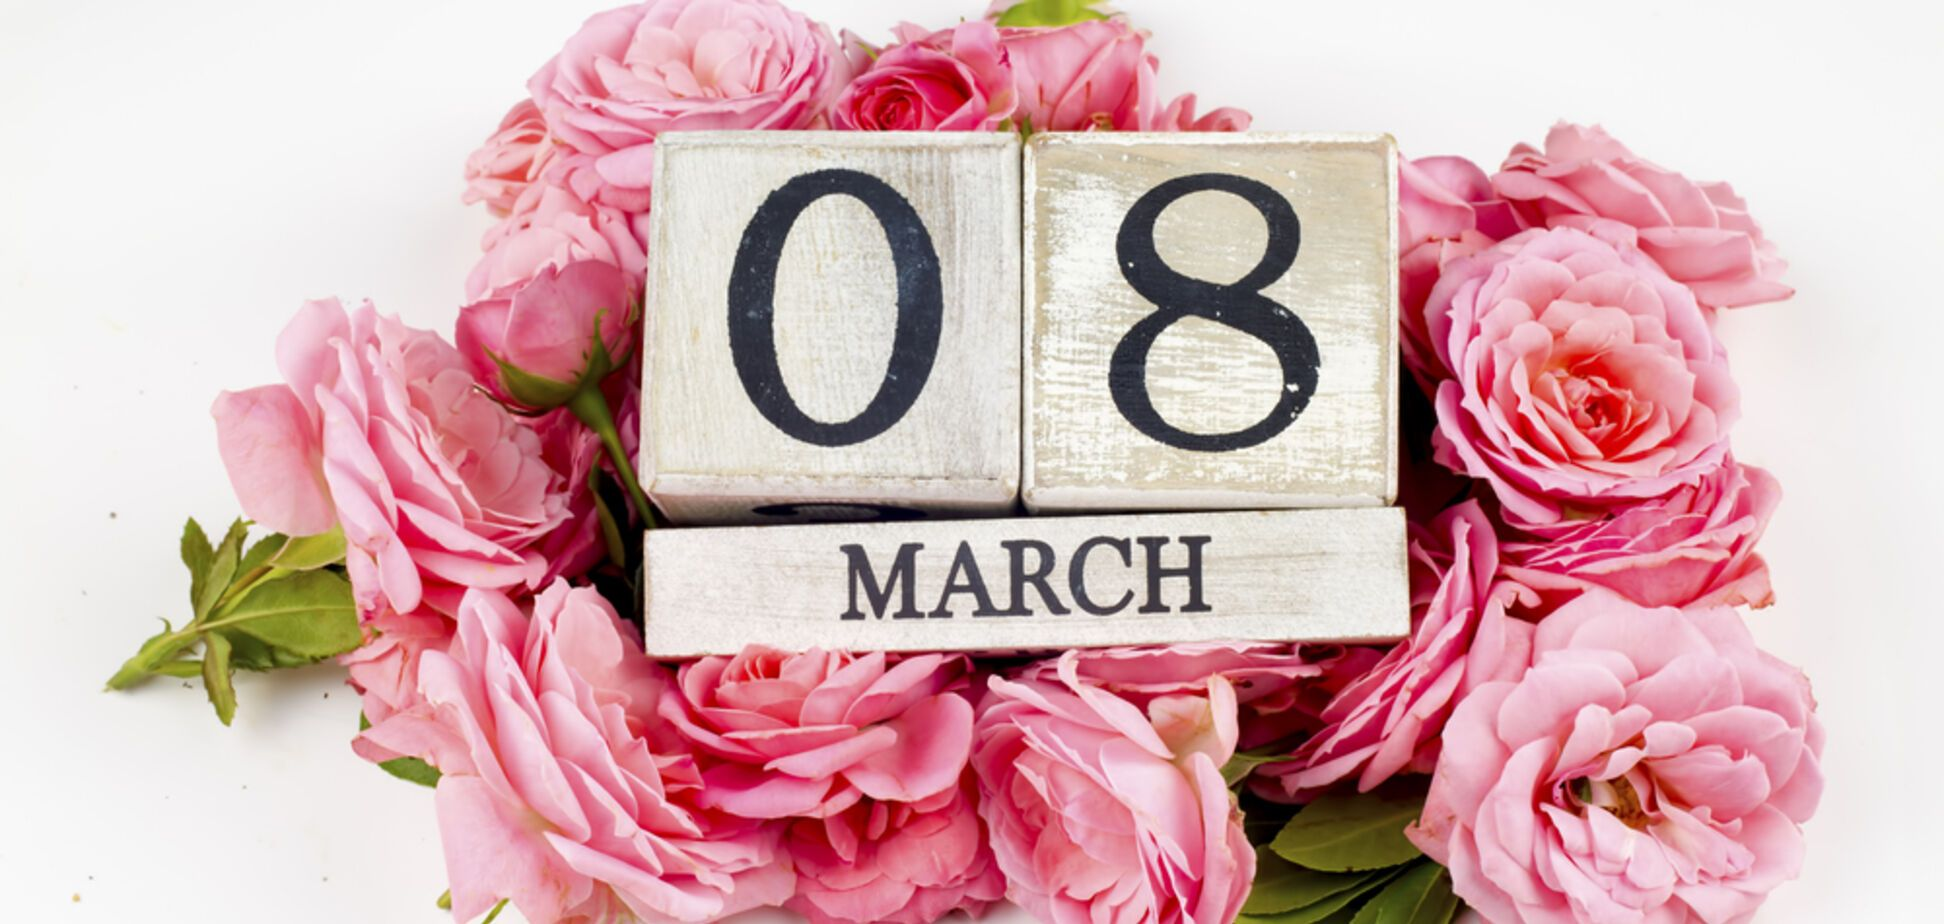 8 марта в Украине: почему хотят отменить и стоит ли праздновать